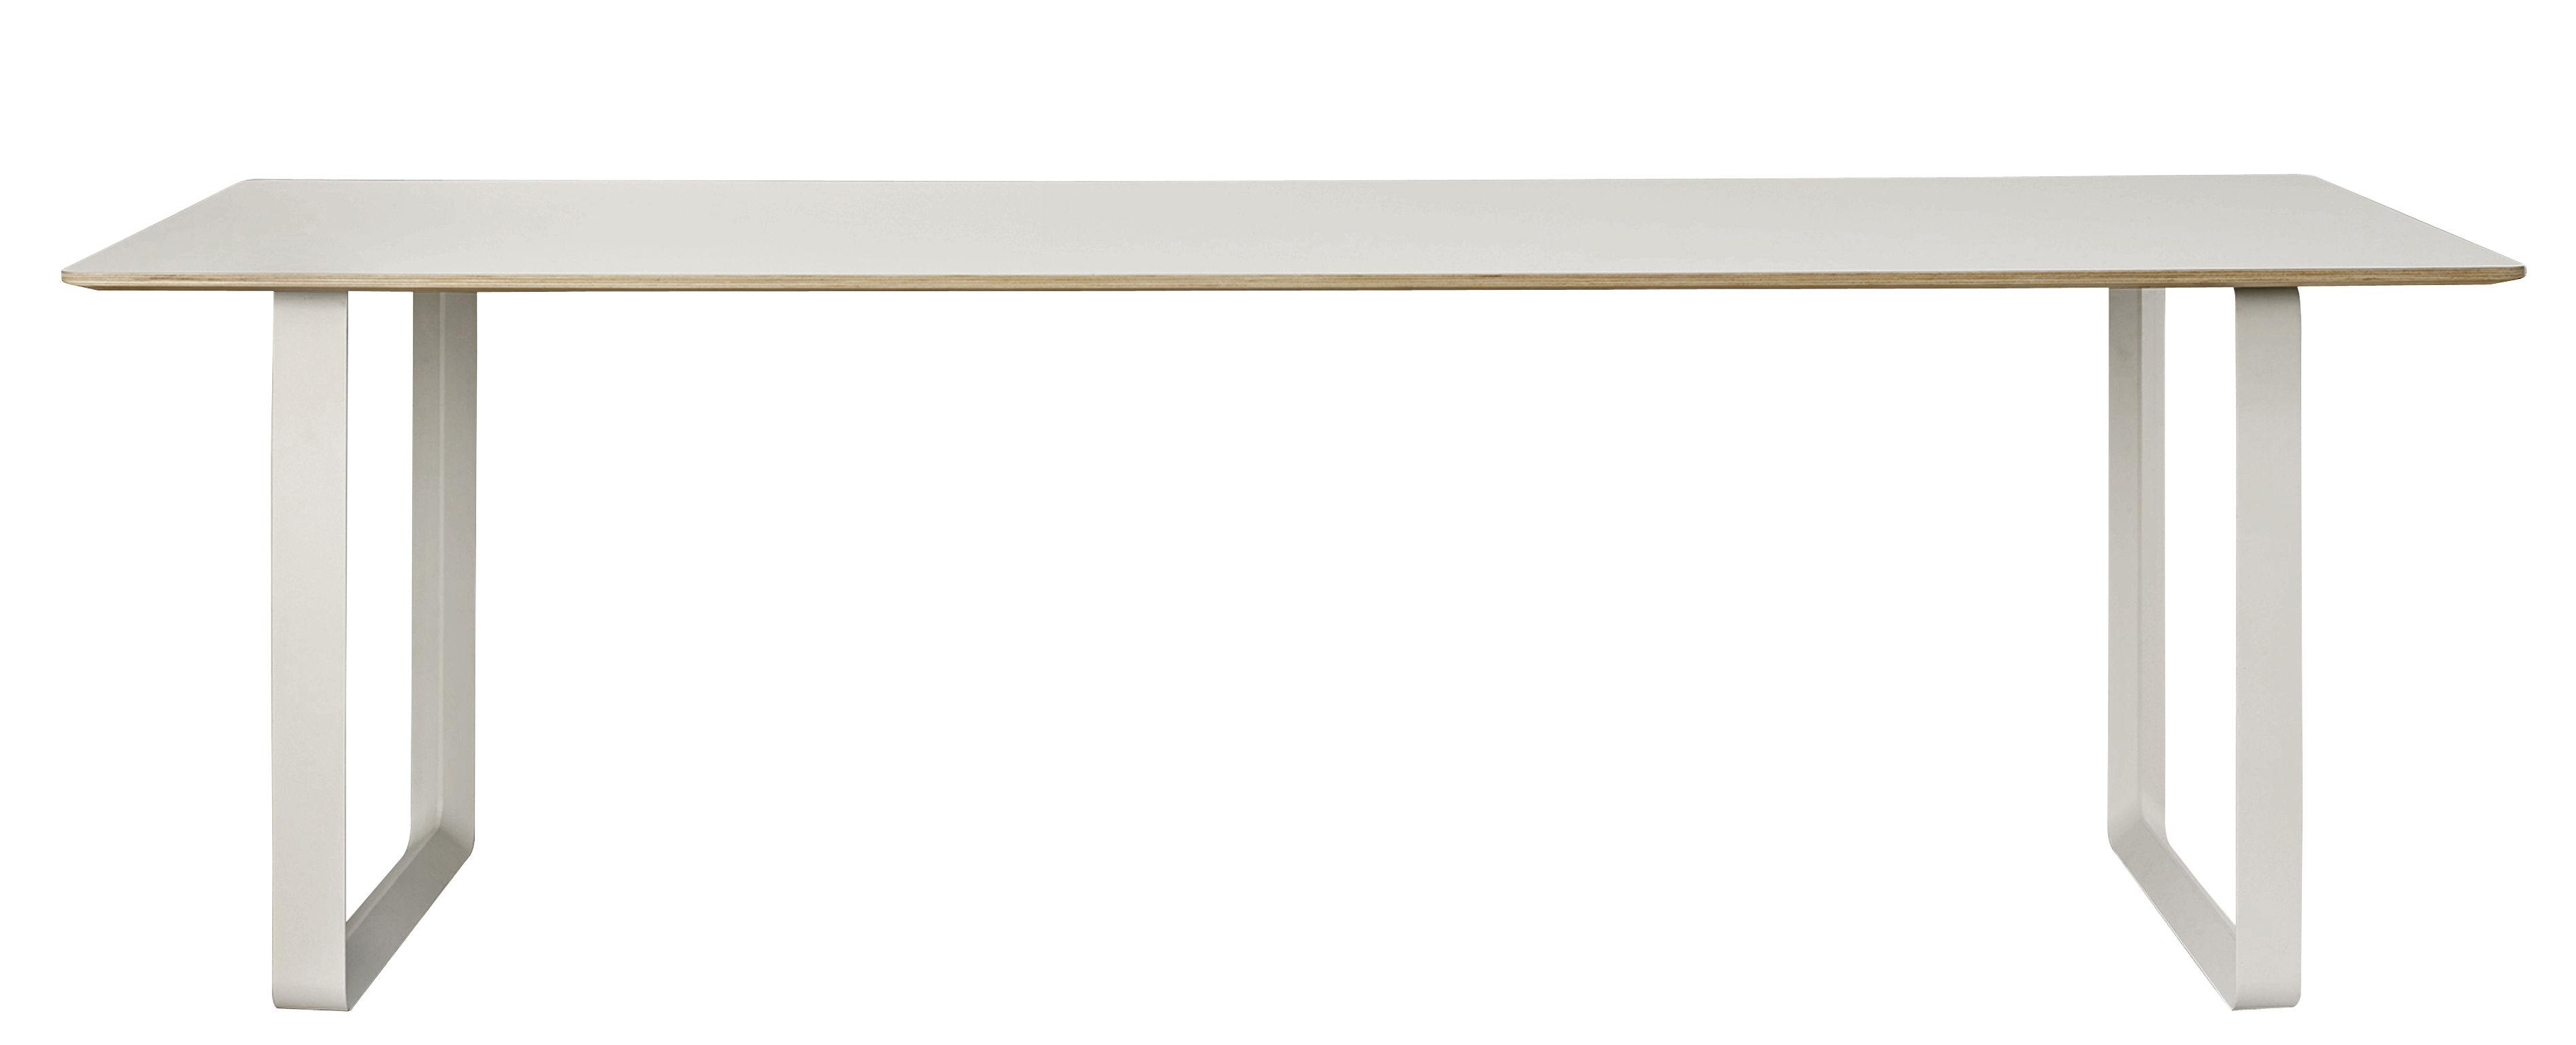 Arredamento - Tavoli - Tavolo 70-70 XL / 255 x 108 cm - Muuto - Grigio - Alluminio, Compensato, Linoleum